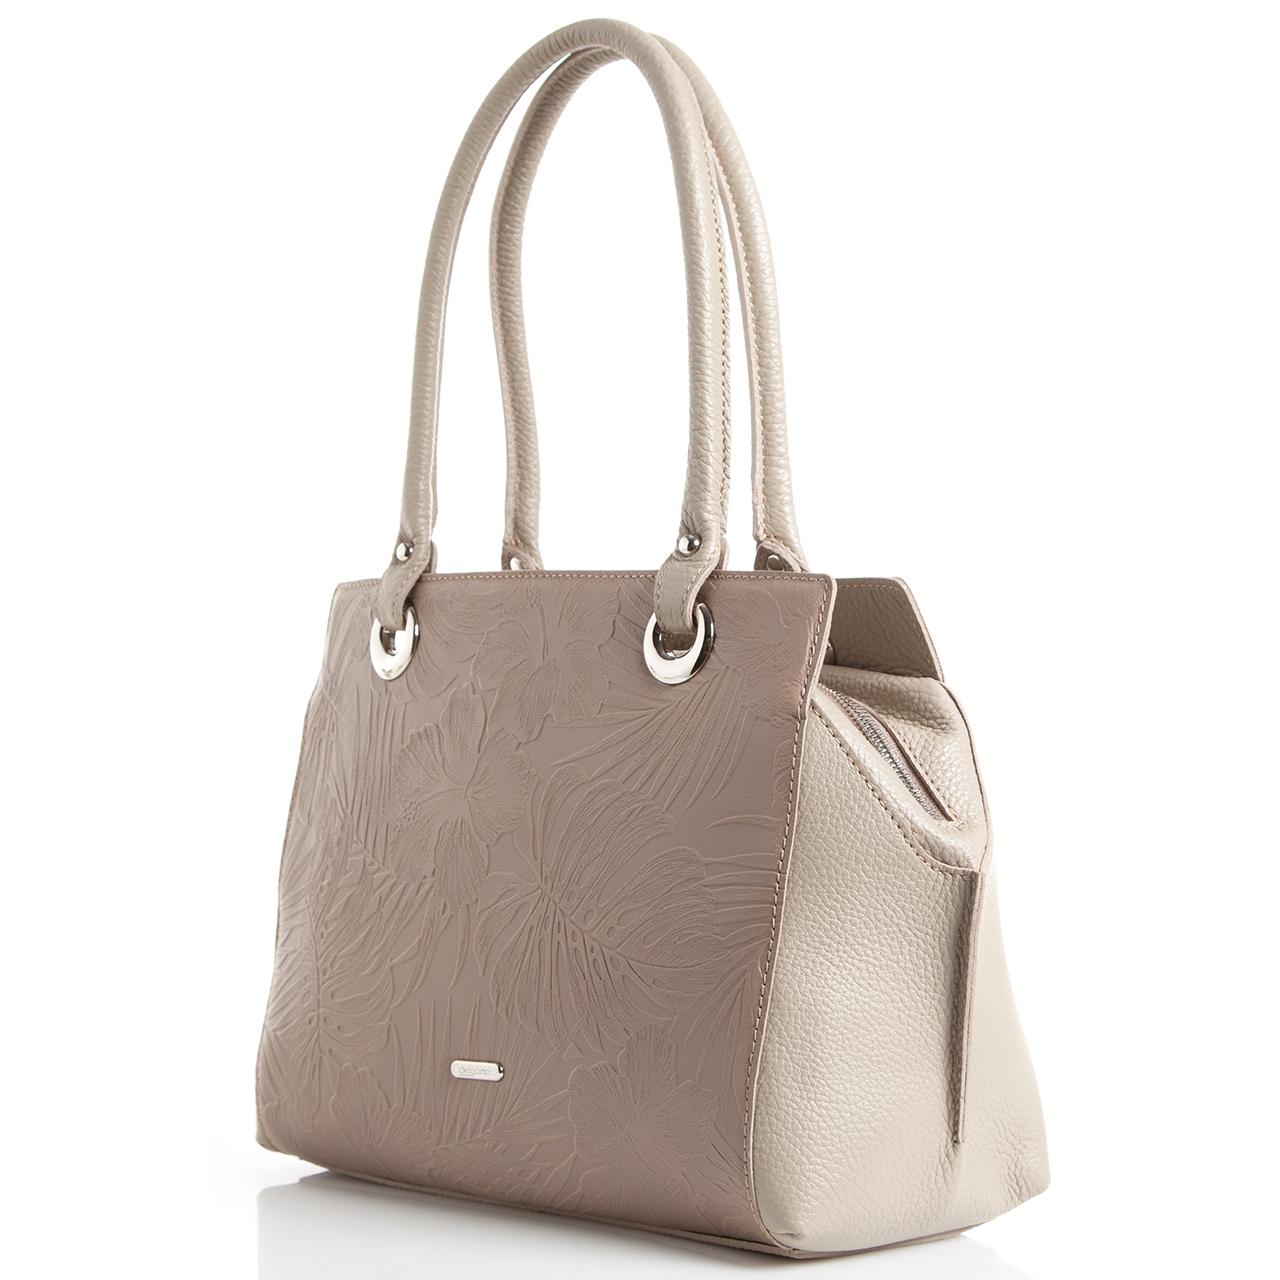 752503a52deb Кожаные сумки купить в интернет-магазине Домани (Domani)